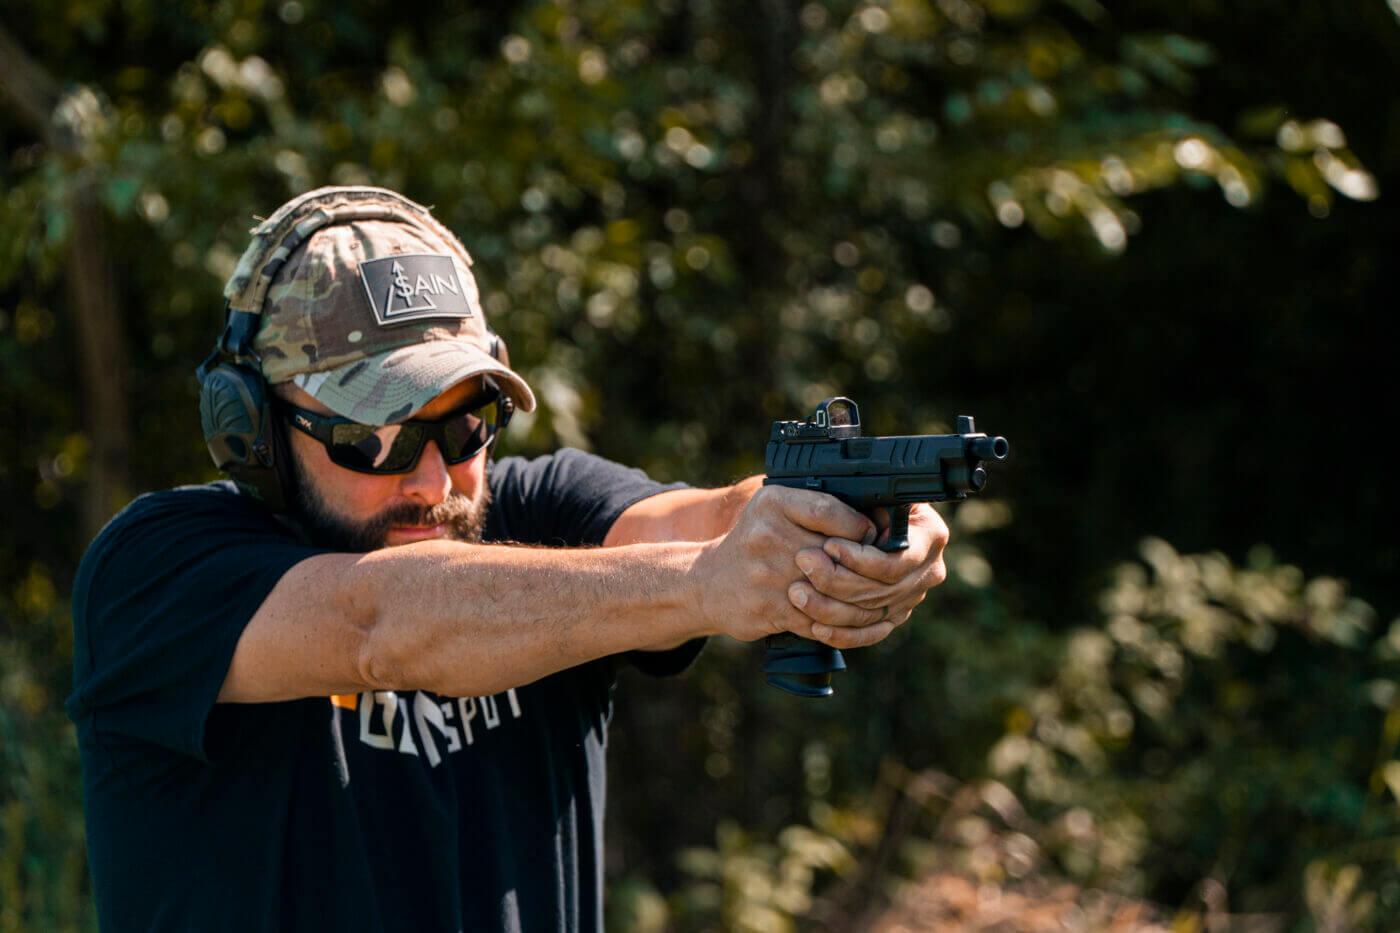 Zeroing red dot sight on pistol